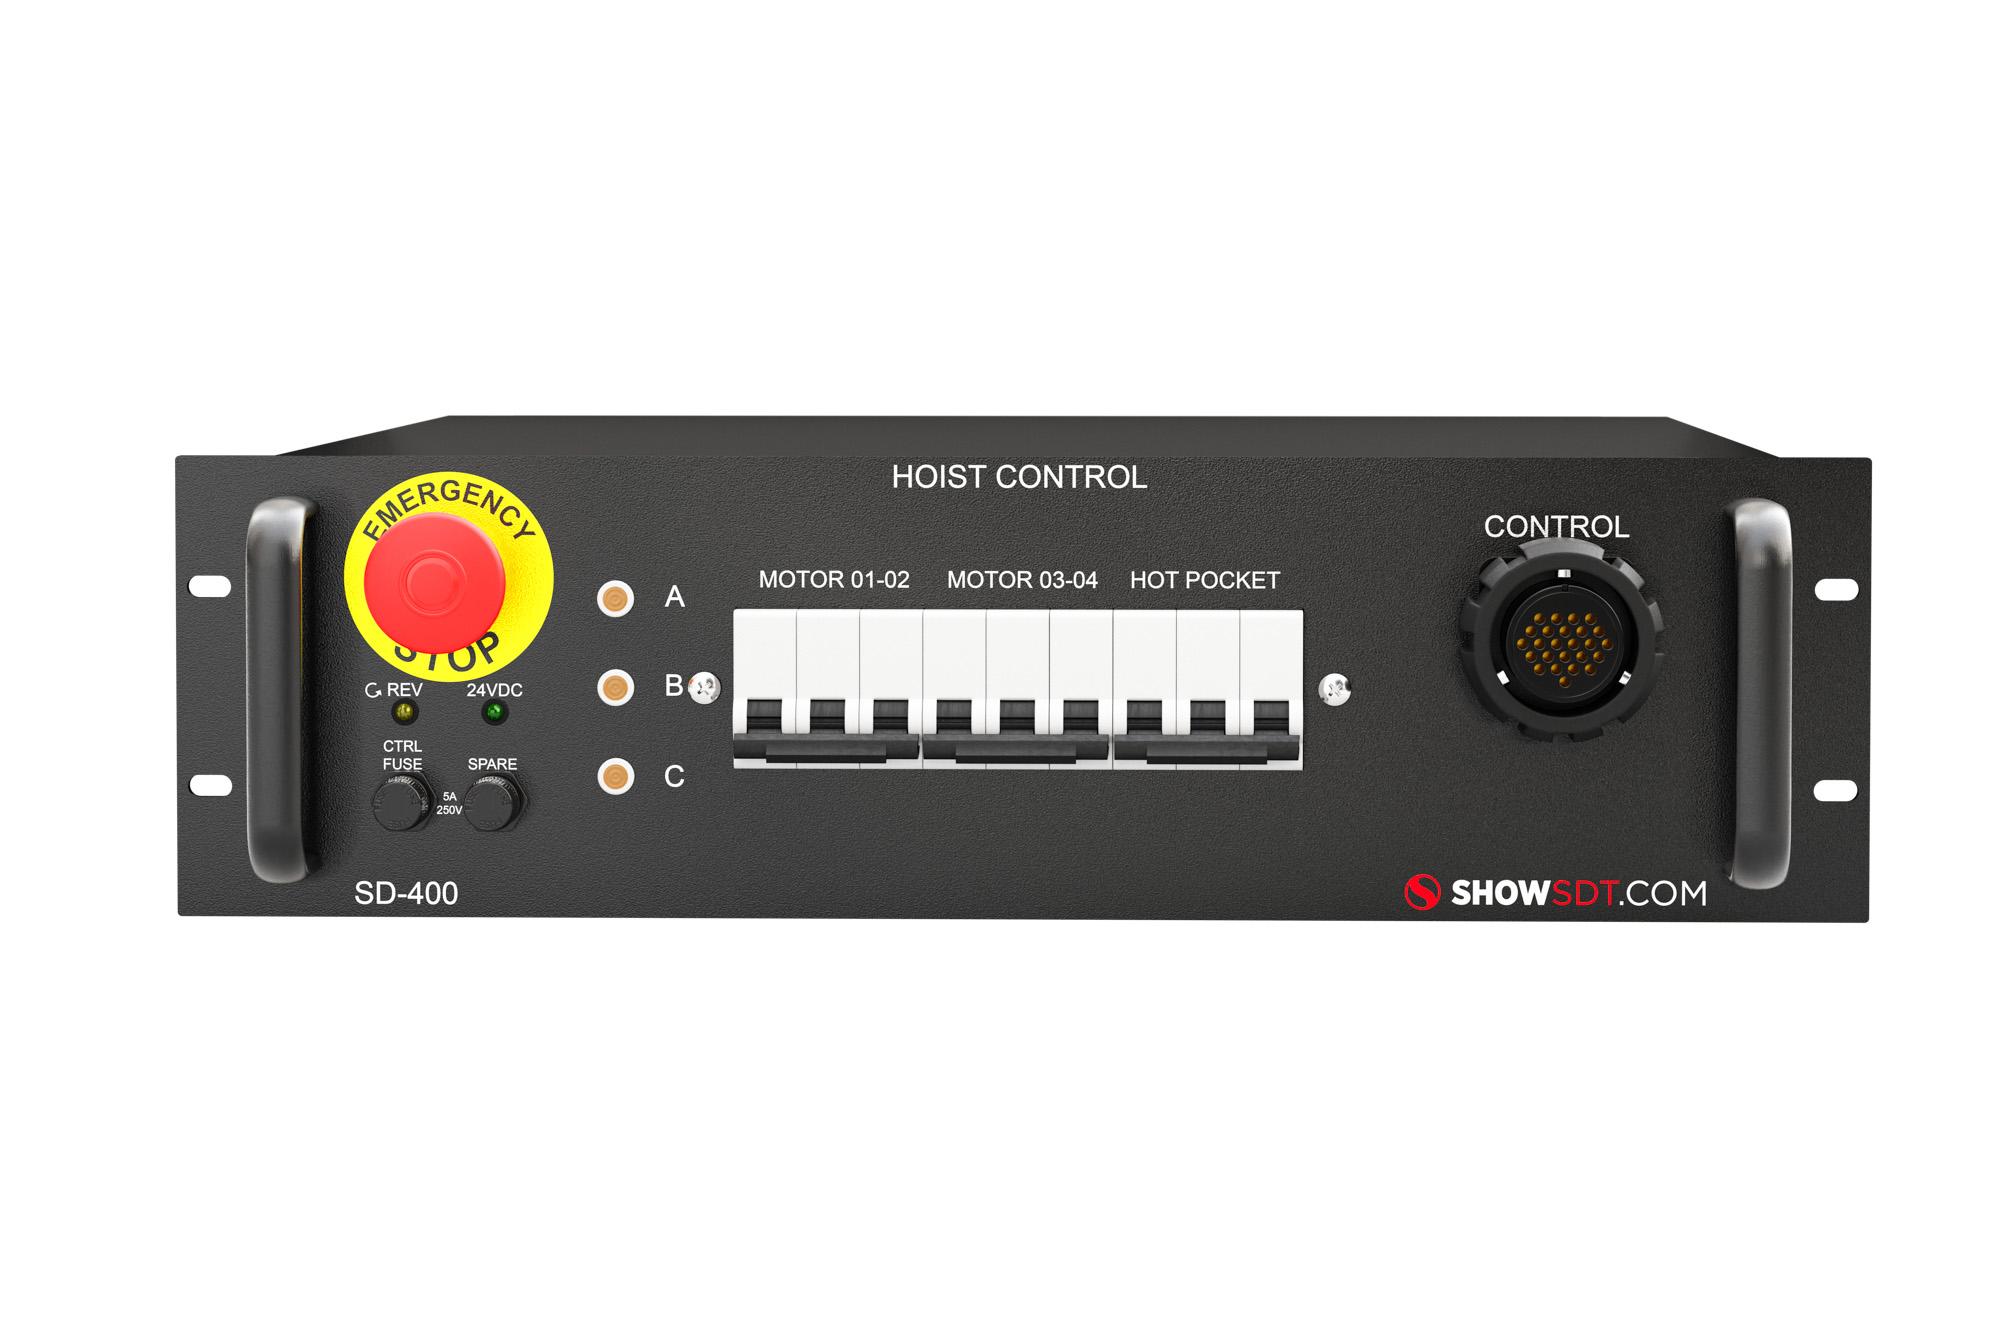 SD-400/WCT-APR